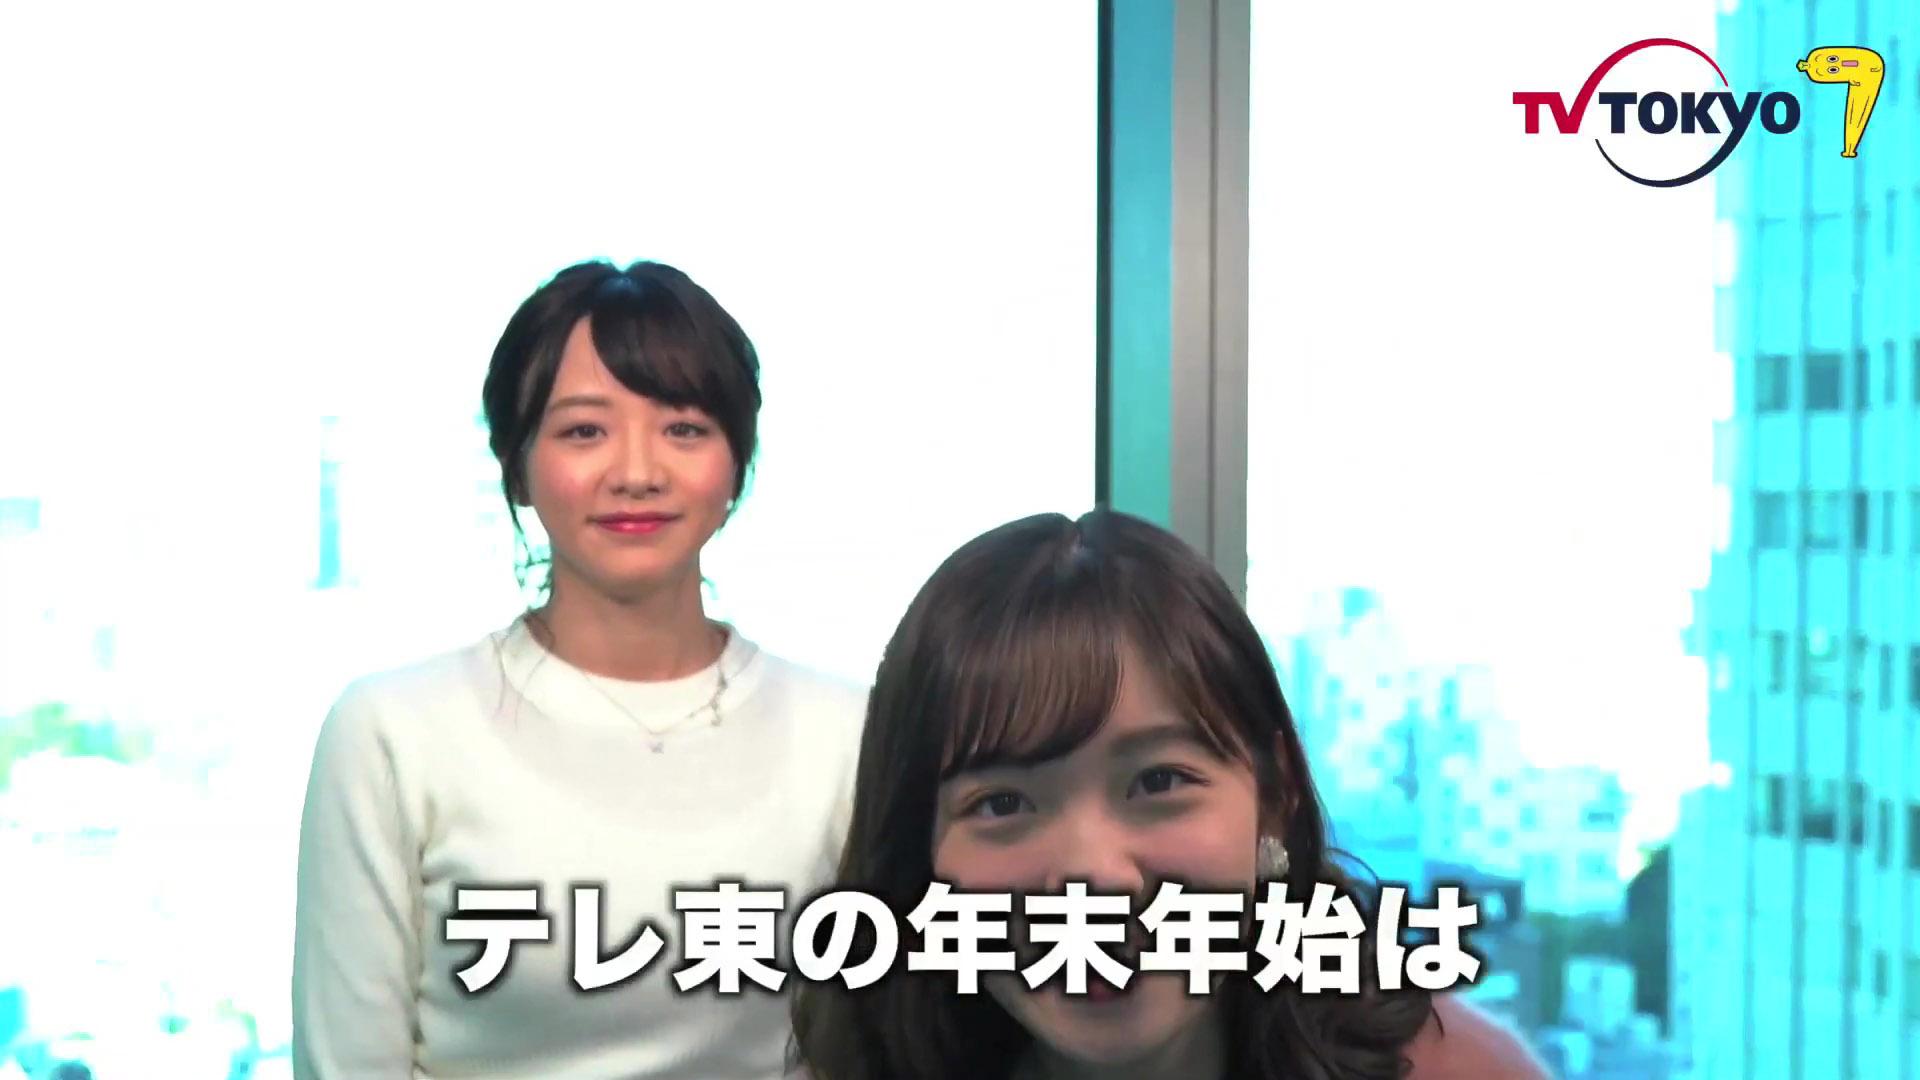 森香澄_田中瞳_女子アナ_テレ東_テレビキャプ画像_03